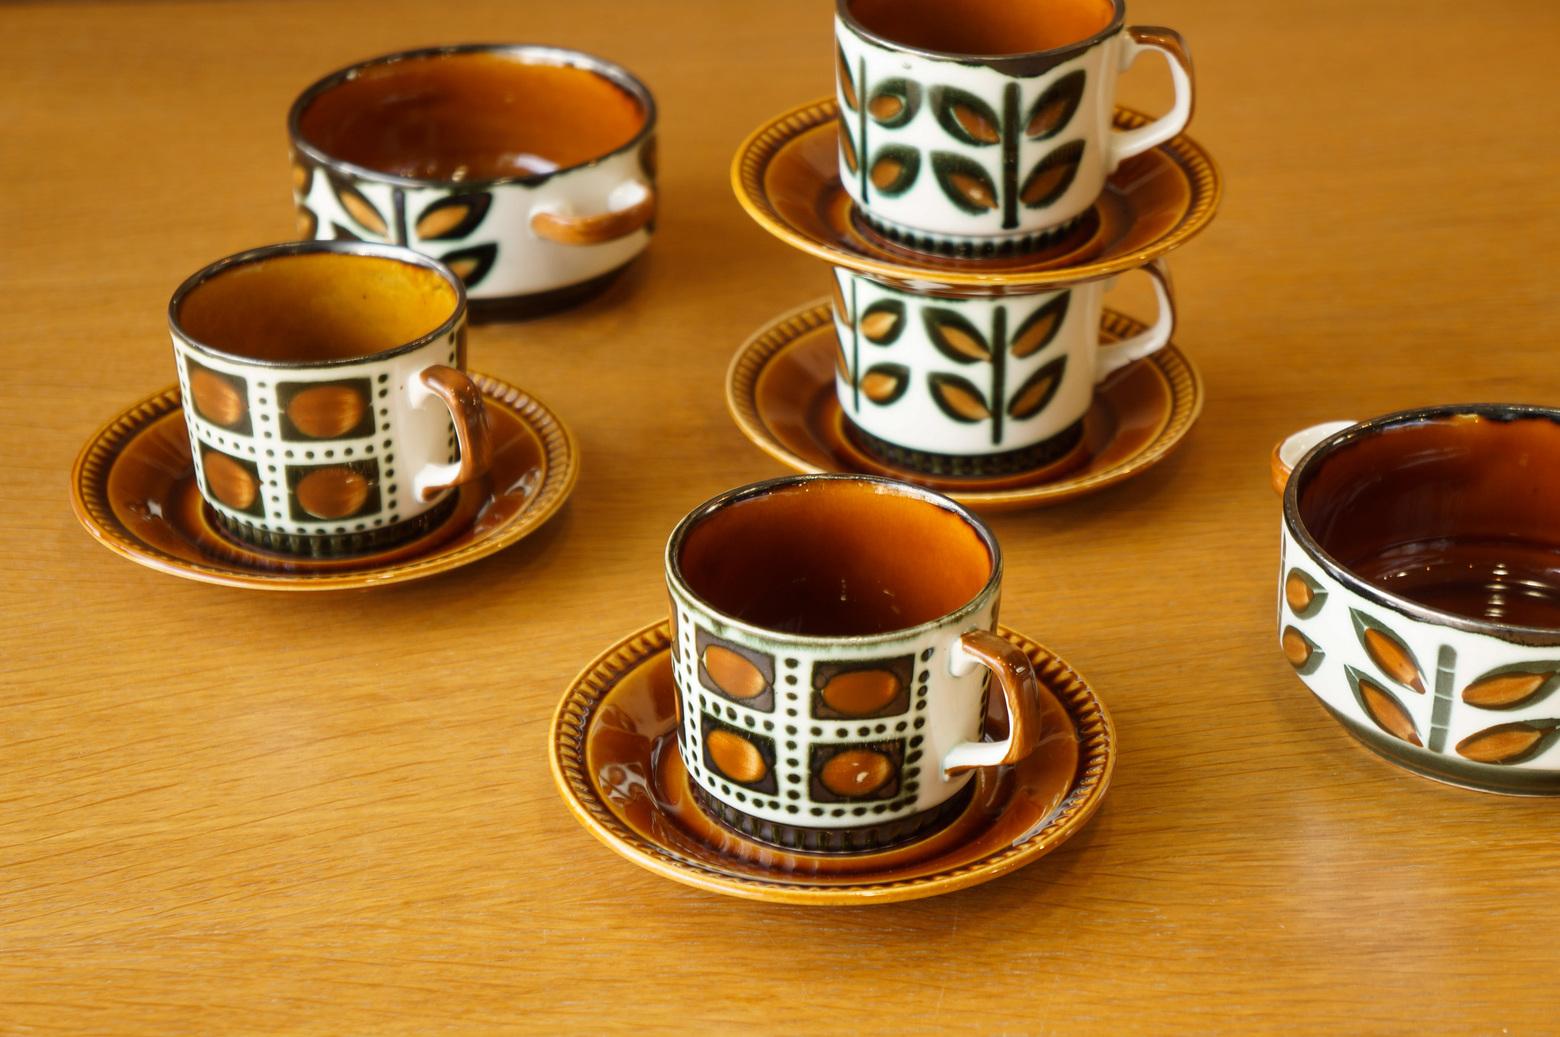 Boch Vintage Tableware made in Belgium